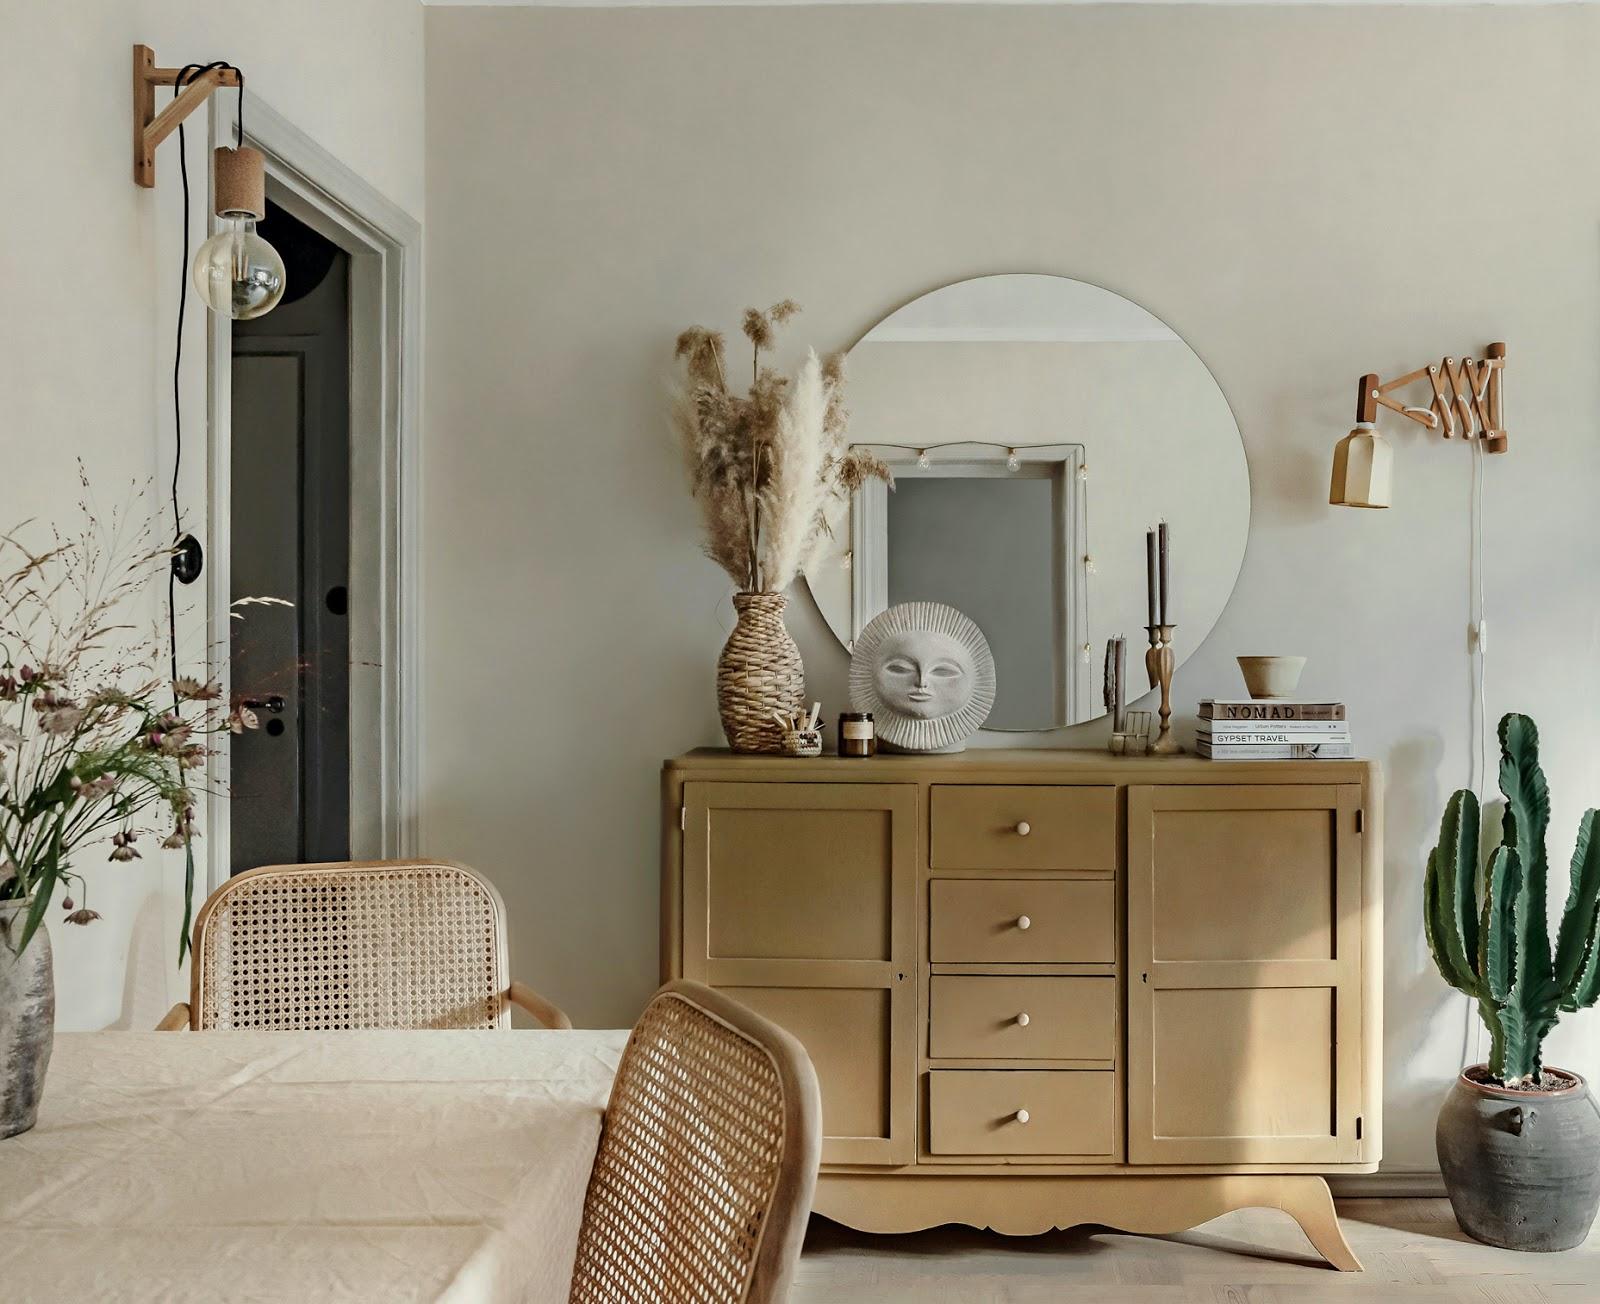 Un appartamento in stile boho dai toni naturali